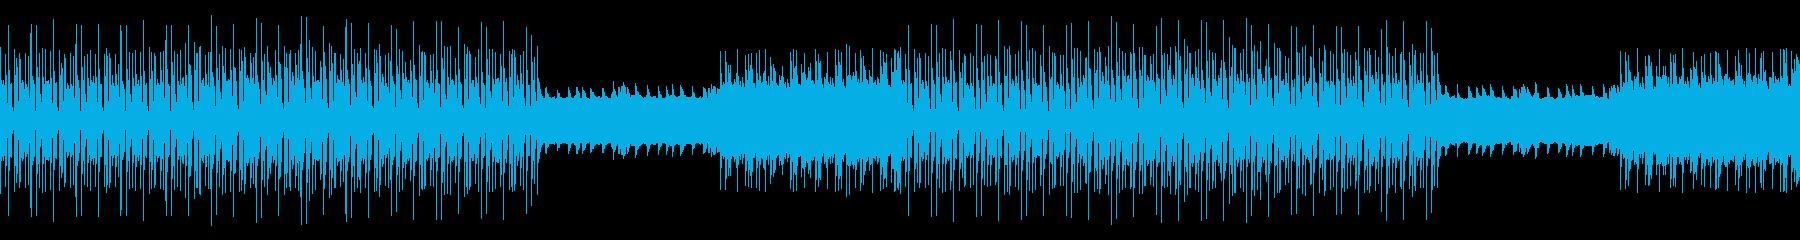 メカニカルなシンセのスピード感あるBGMの再生済みの波形